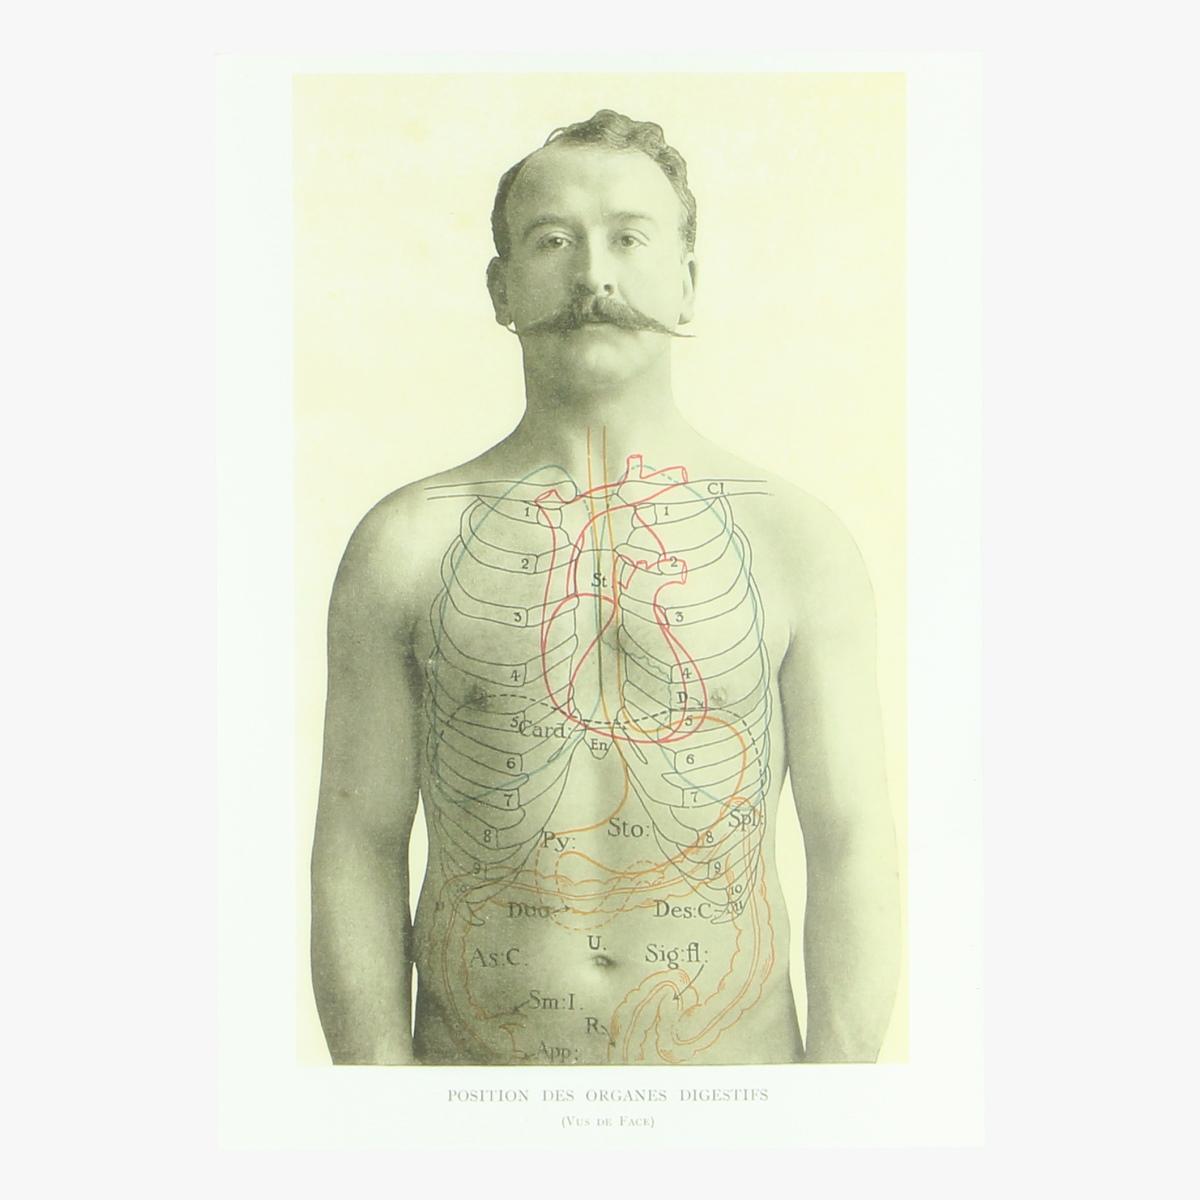 Afbeeldingen van postkaart positions des organes digestifs